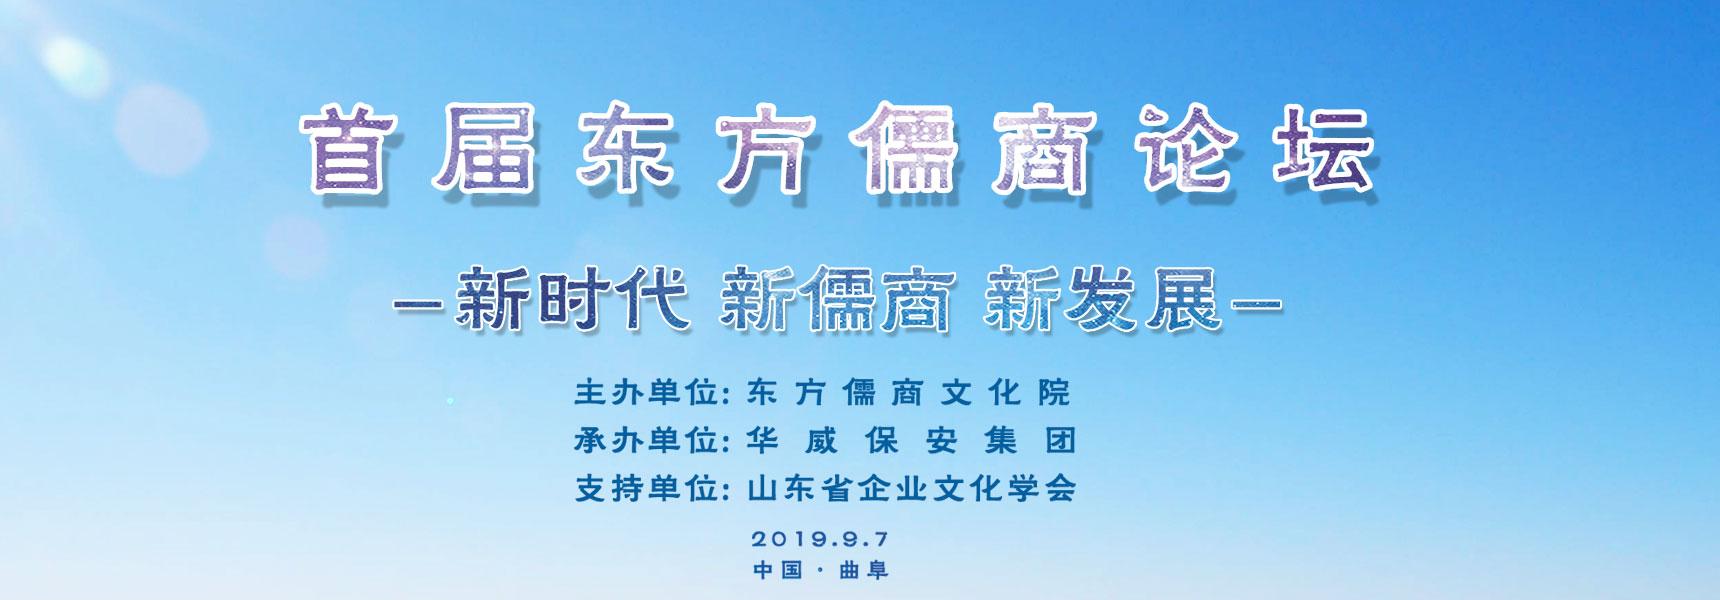 世界東方儒商論壇即將盛大開幕